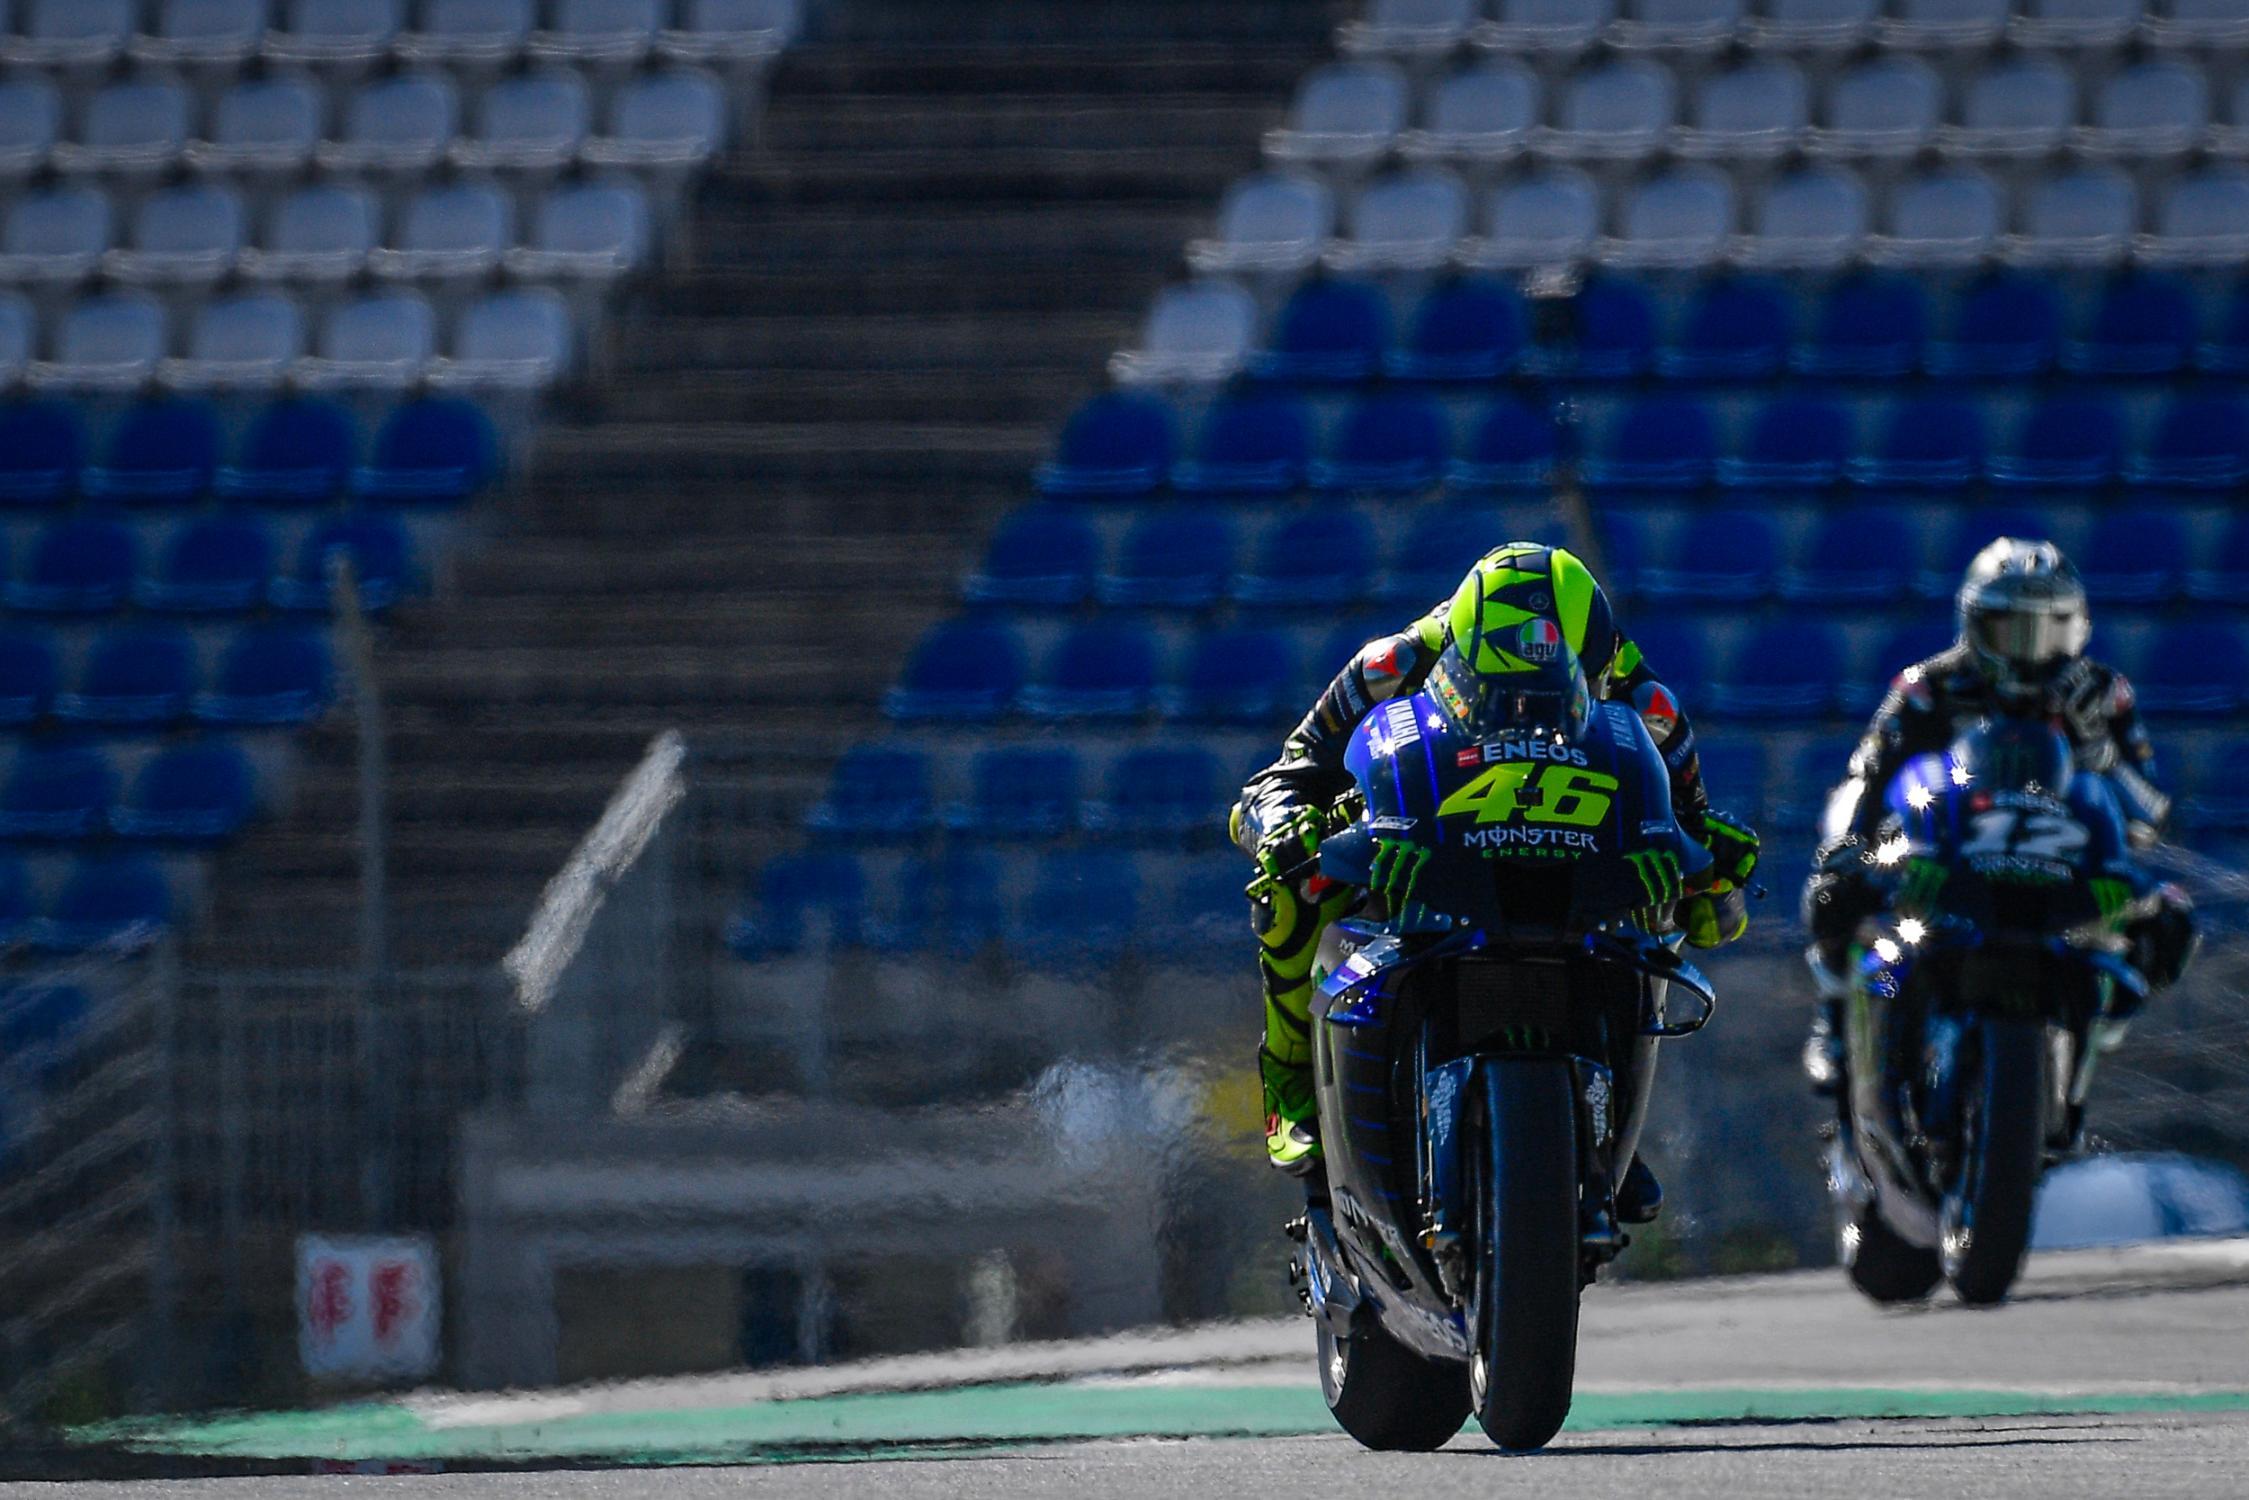 La mejor Yamaha fue Rossi